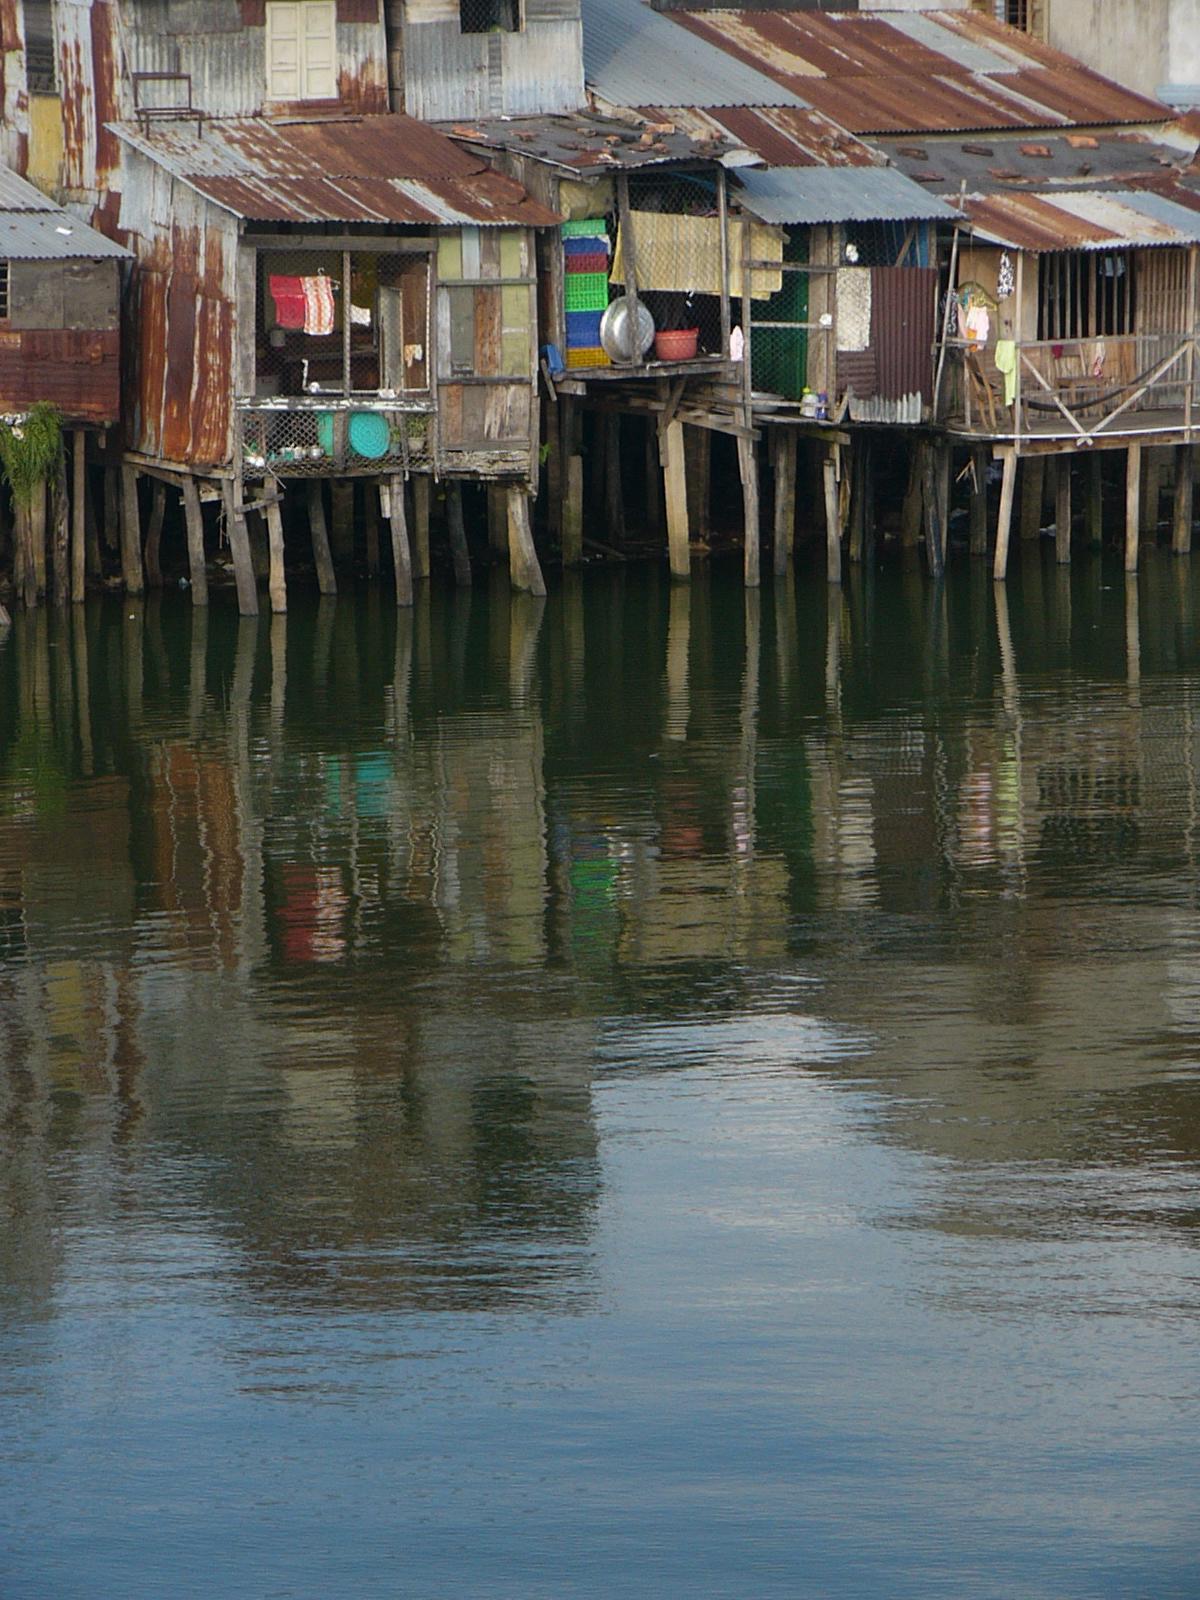 Waterfront Slums in Vietnam